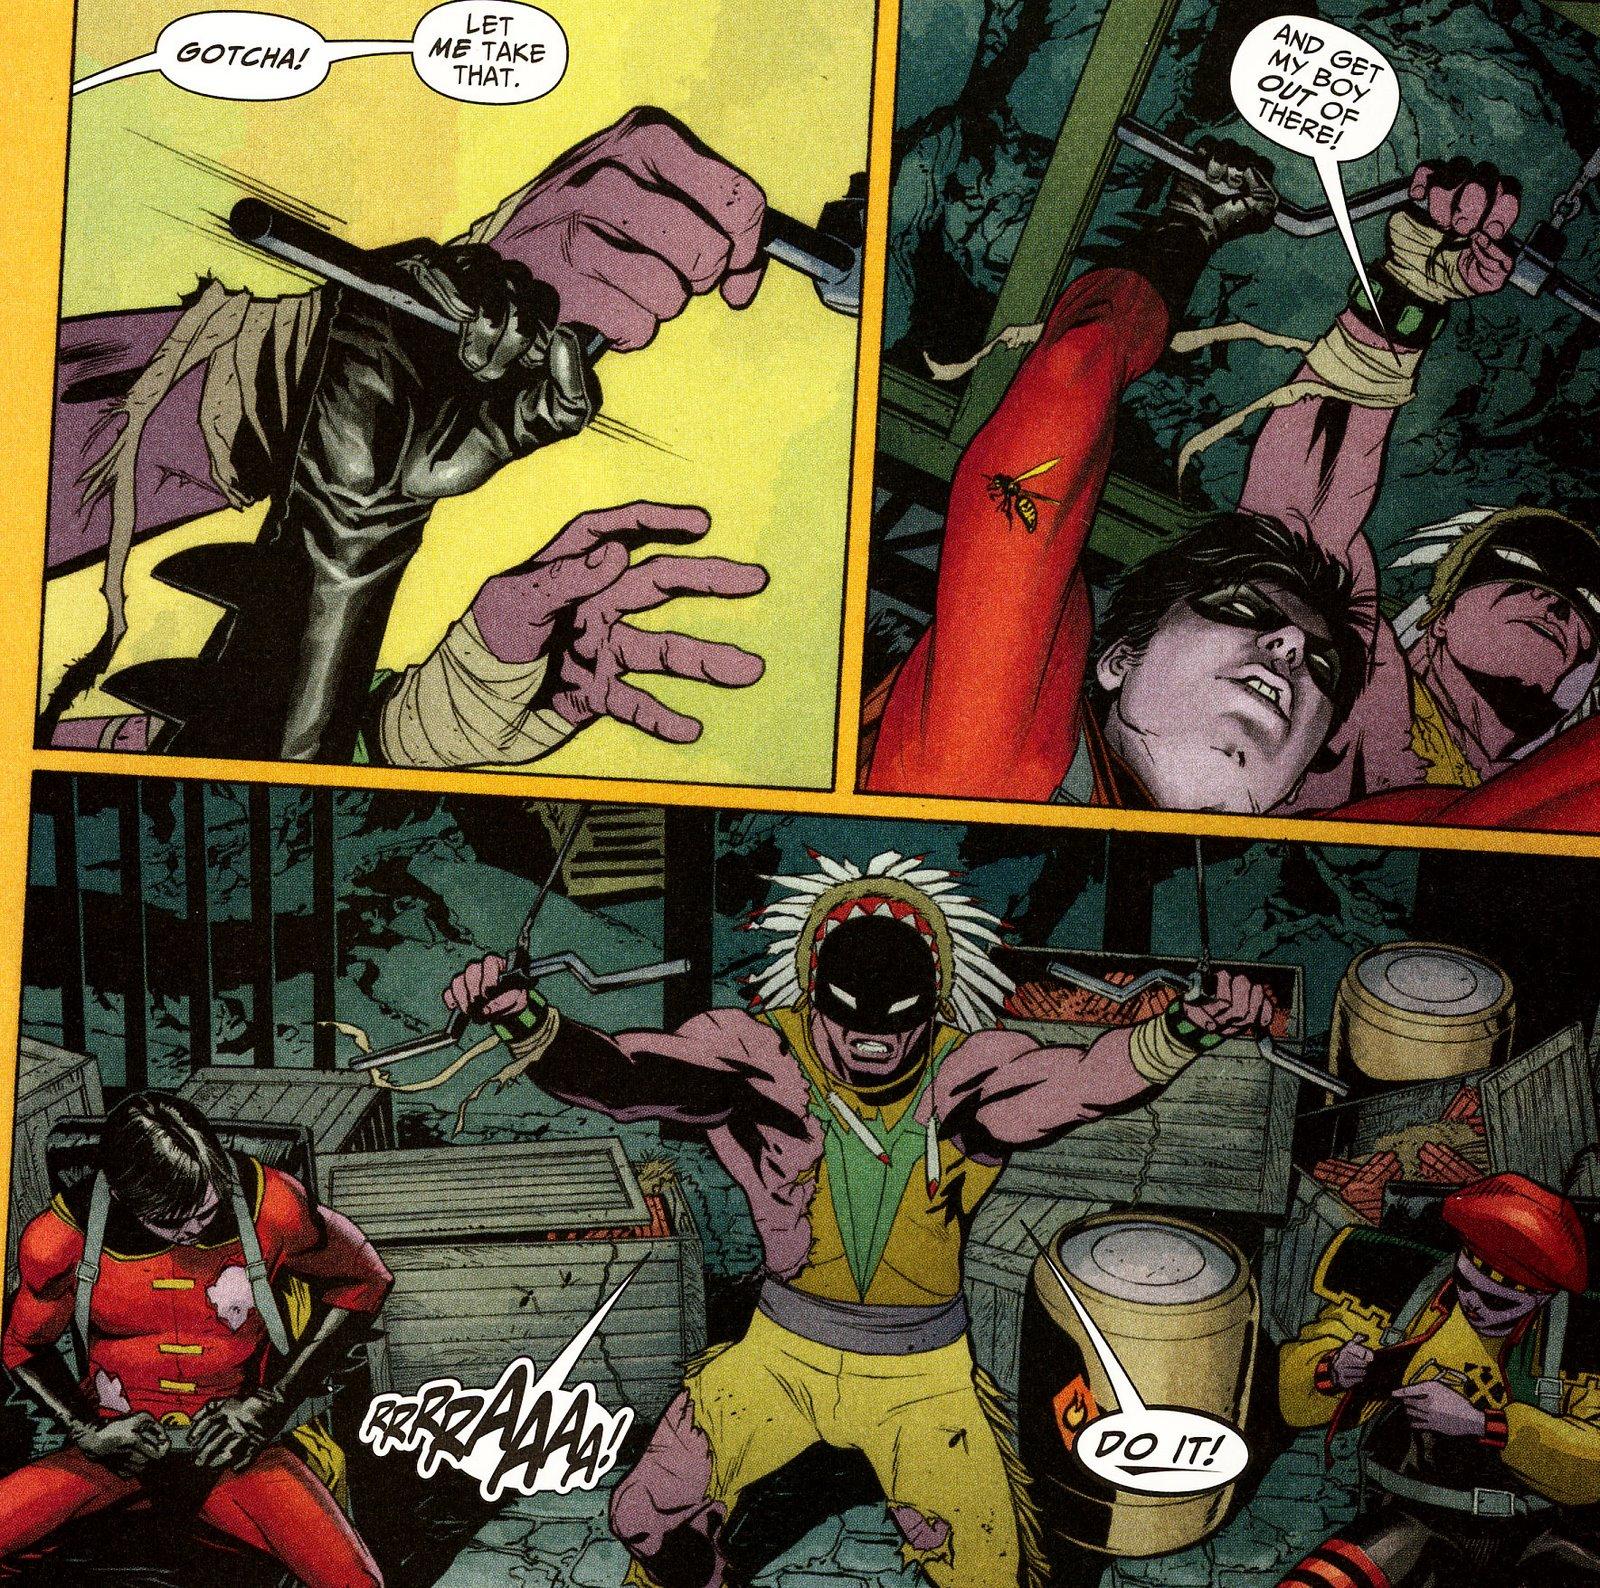 [man-of-bats,-bad-ass]